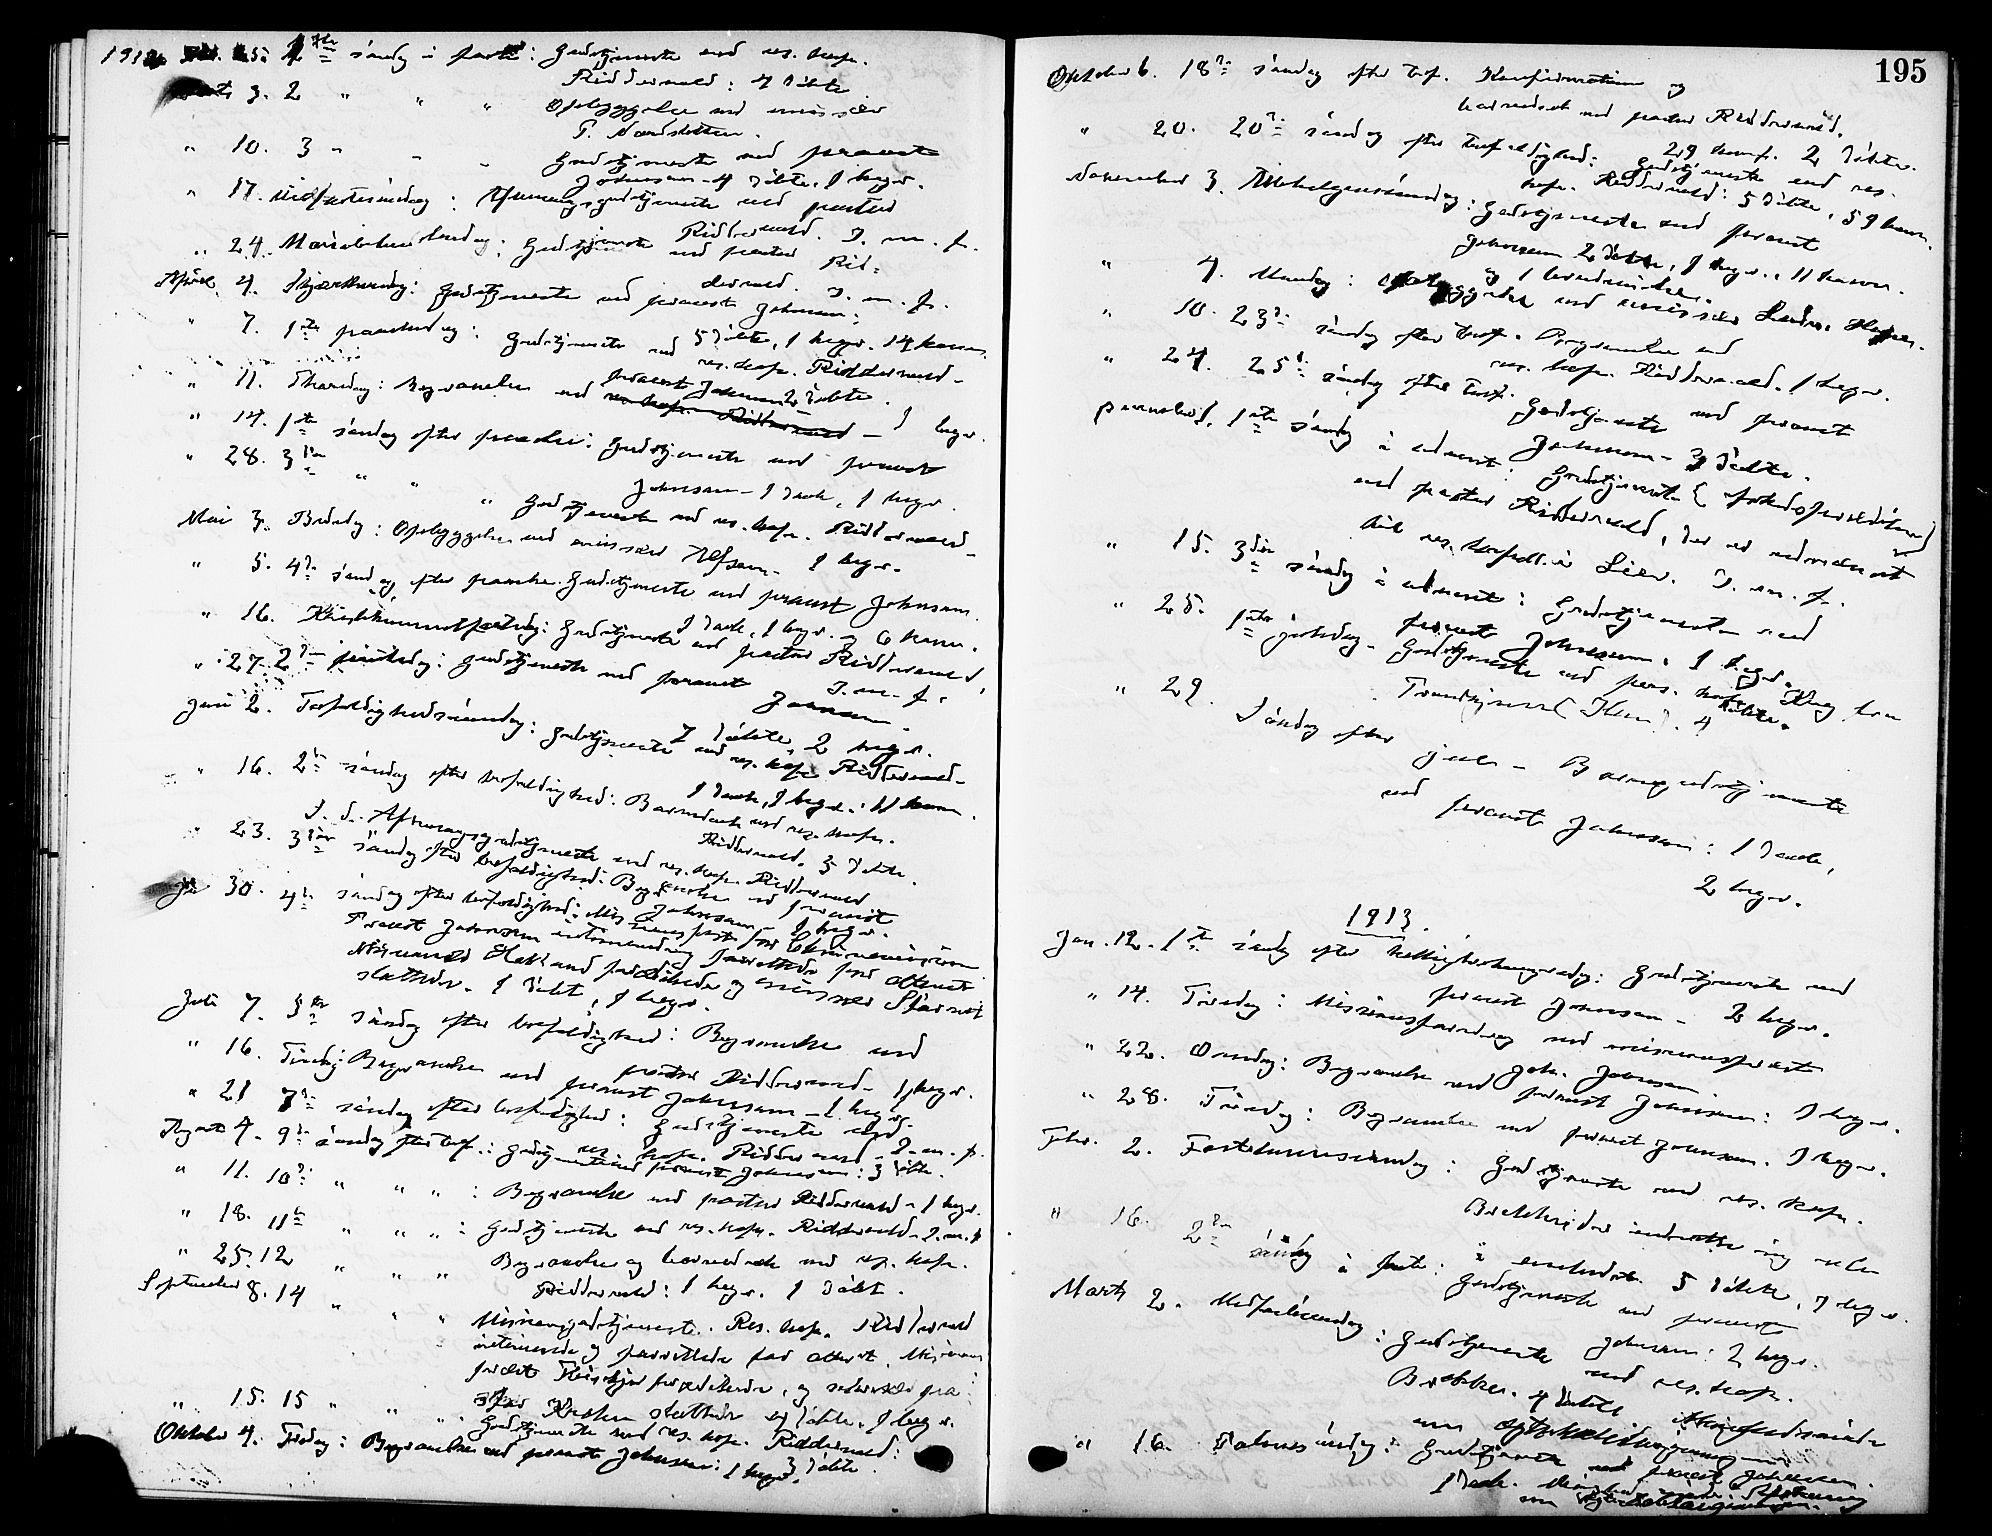 SAT, Ministerialprotokoller, klokkerbøker og fødselsregistre - Sør-Trøndelag, 669/L0831: Klokkerbok nr. 669C01, 1909-1924, s. 195